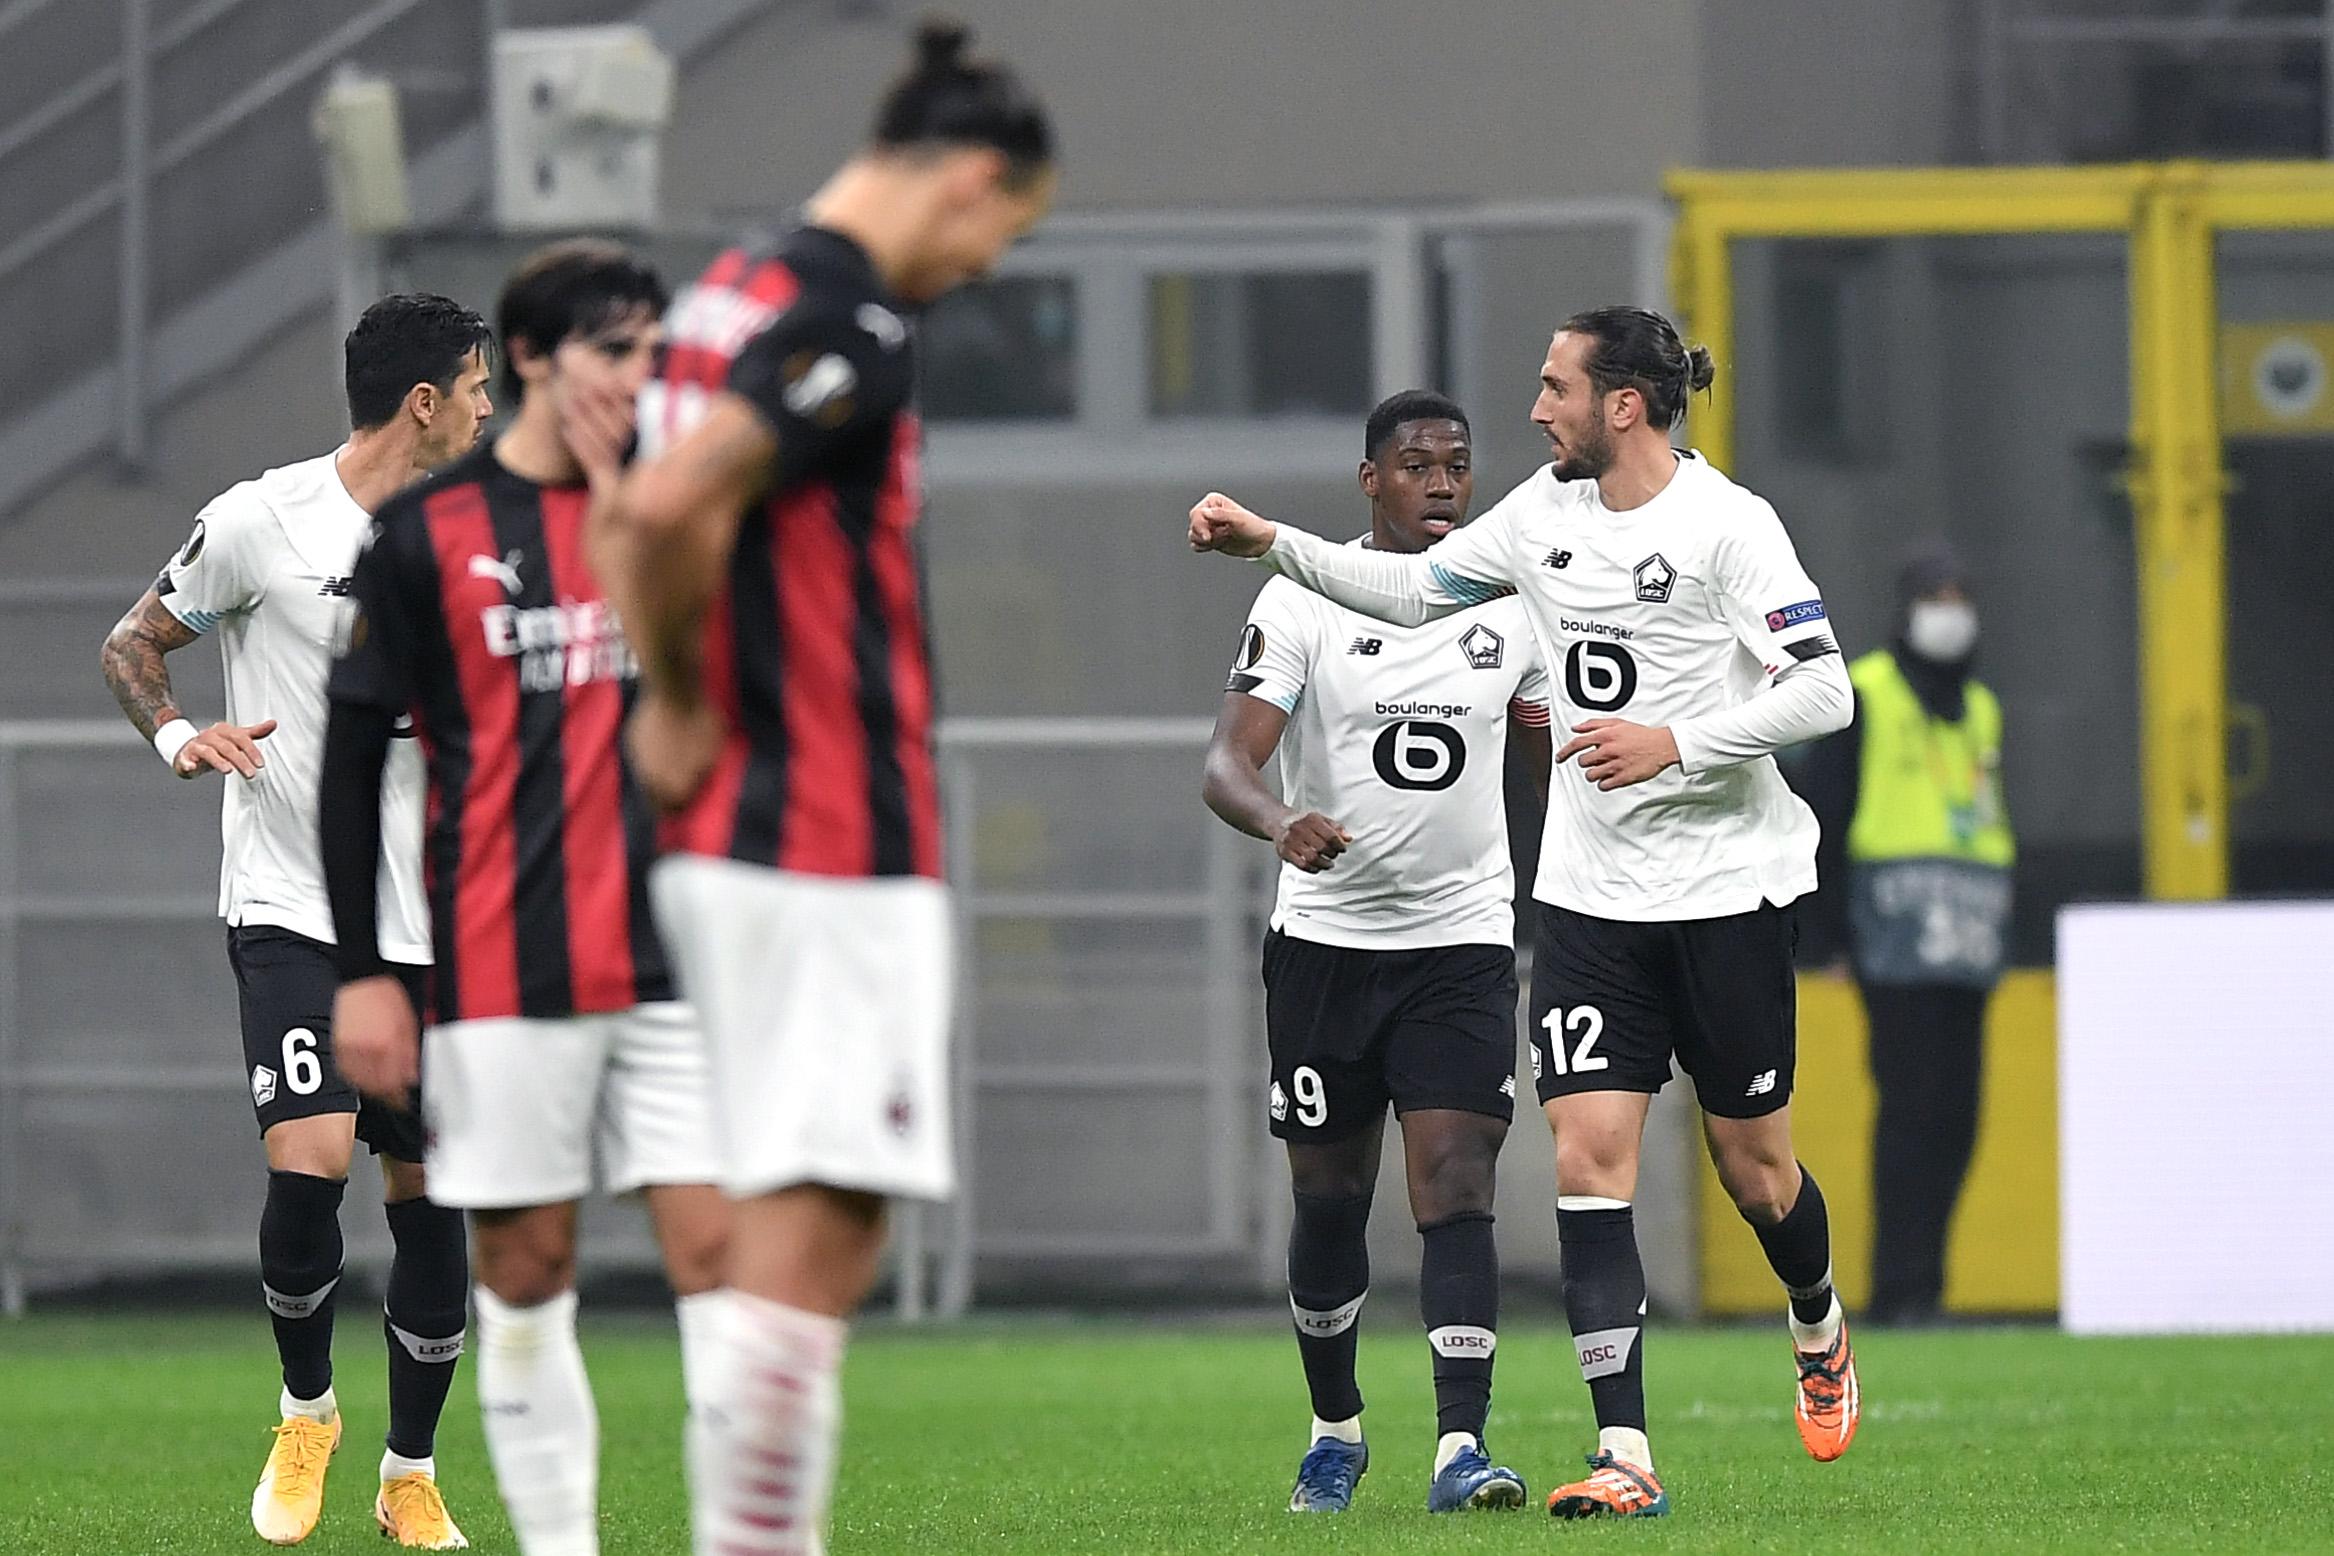 Le condizioni di Ibra dopo l'infortunio con la Juve |  Sport e Vai